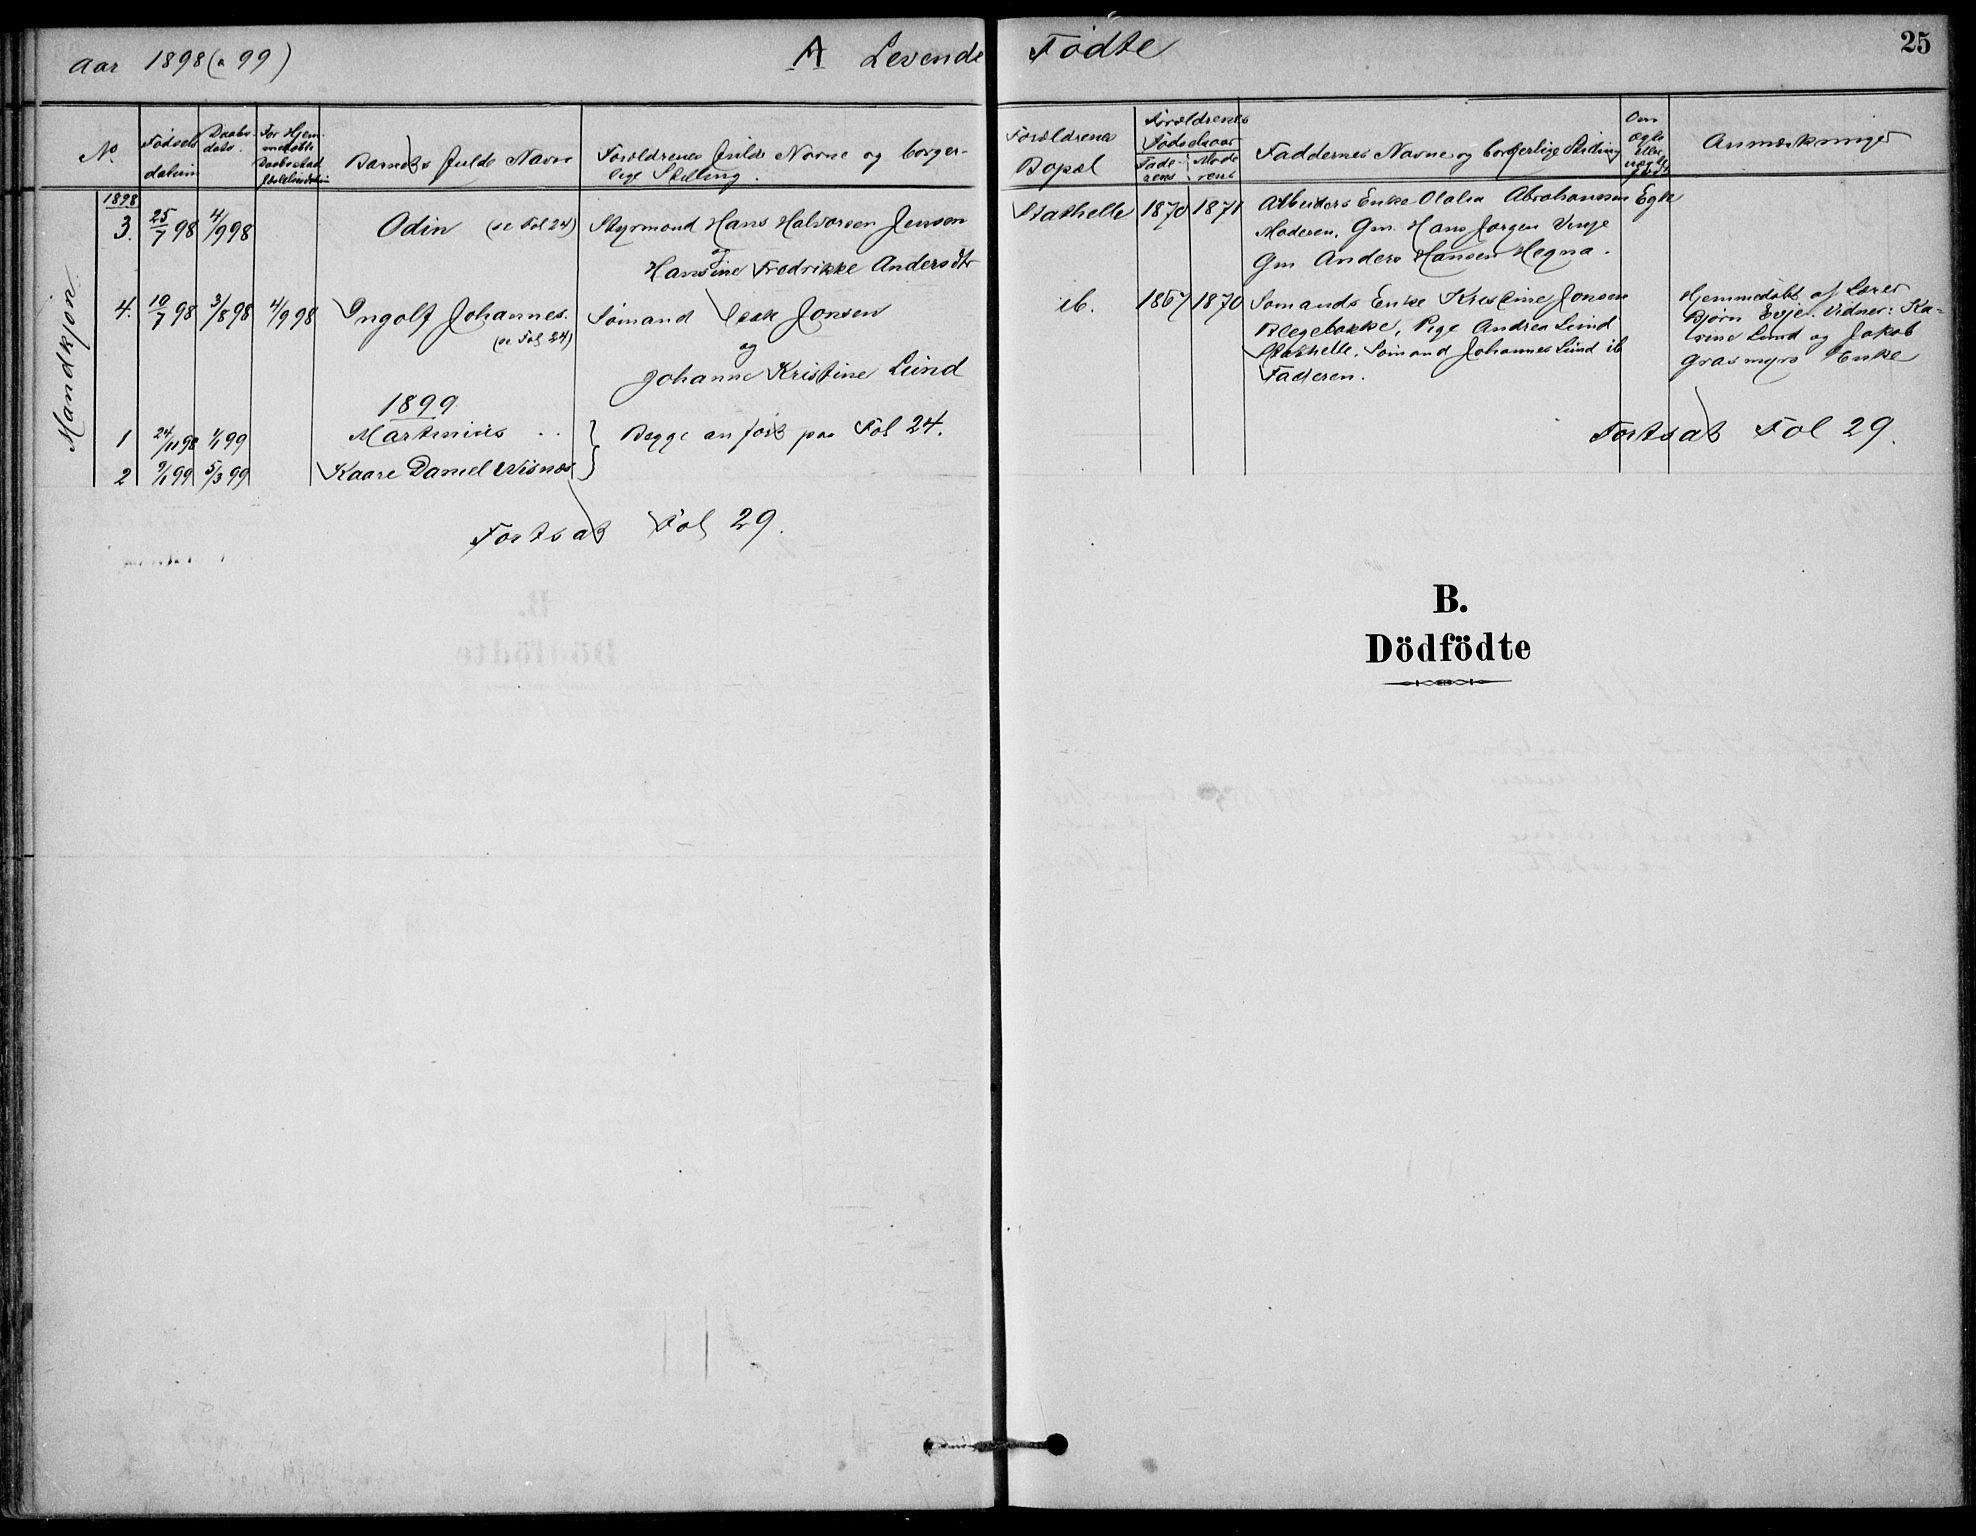 SAKO, Bamble kirkebøker, G/Gb/L0001: Klokkerbok nr. II 1, 1878-1900, s. 25